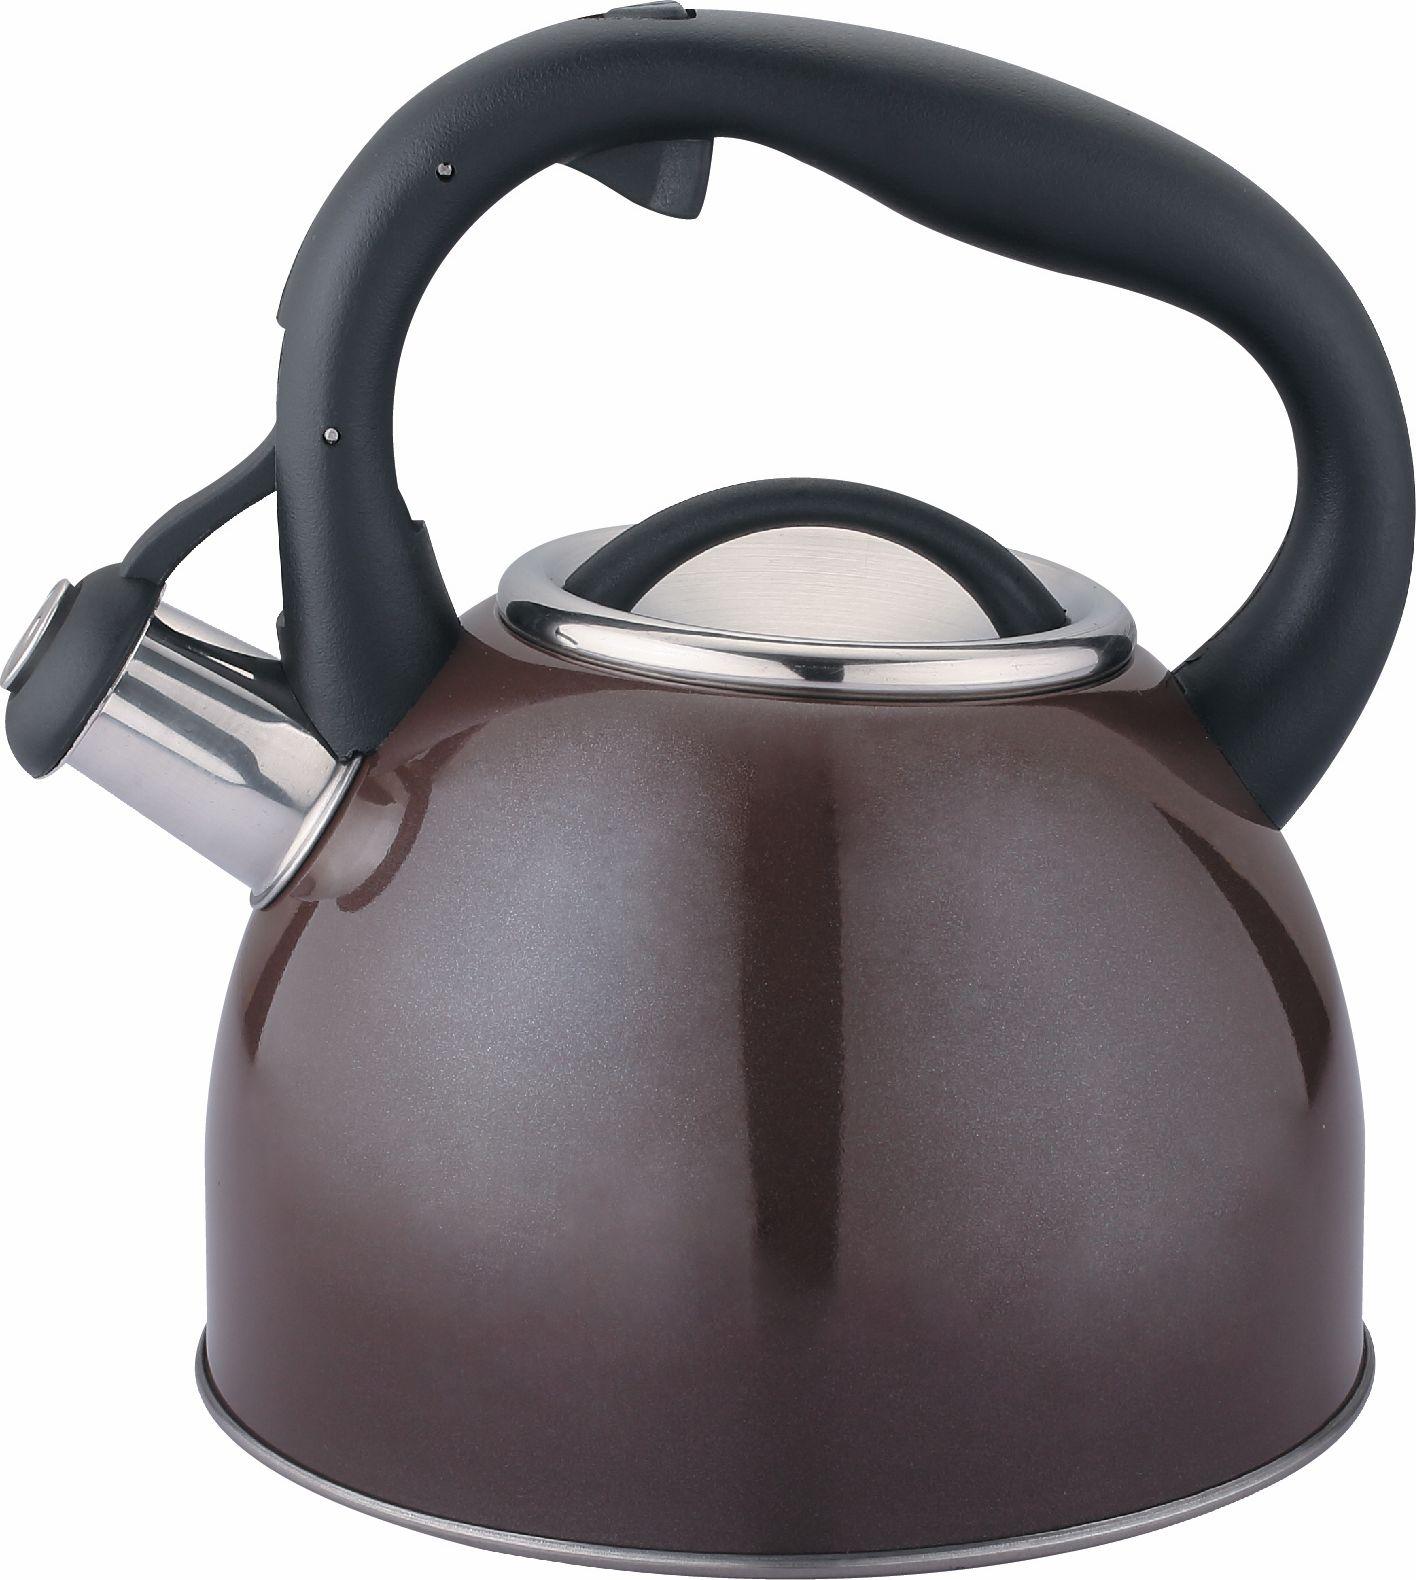 Чайник Cs-Kochsysteme Bonn, со свистком, цвет: коричневый, 2,5 л067366 коричневыйЧайник BONN 2,5 л со свистком изготовлен из высококачественной нержавеющей стали. Вы можете использовать чайник на всех типах варочных поверхностей (в том числе индукционных). В подарочной коробке